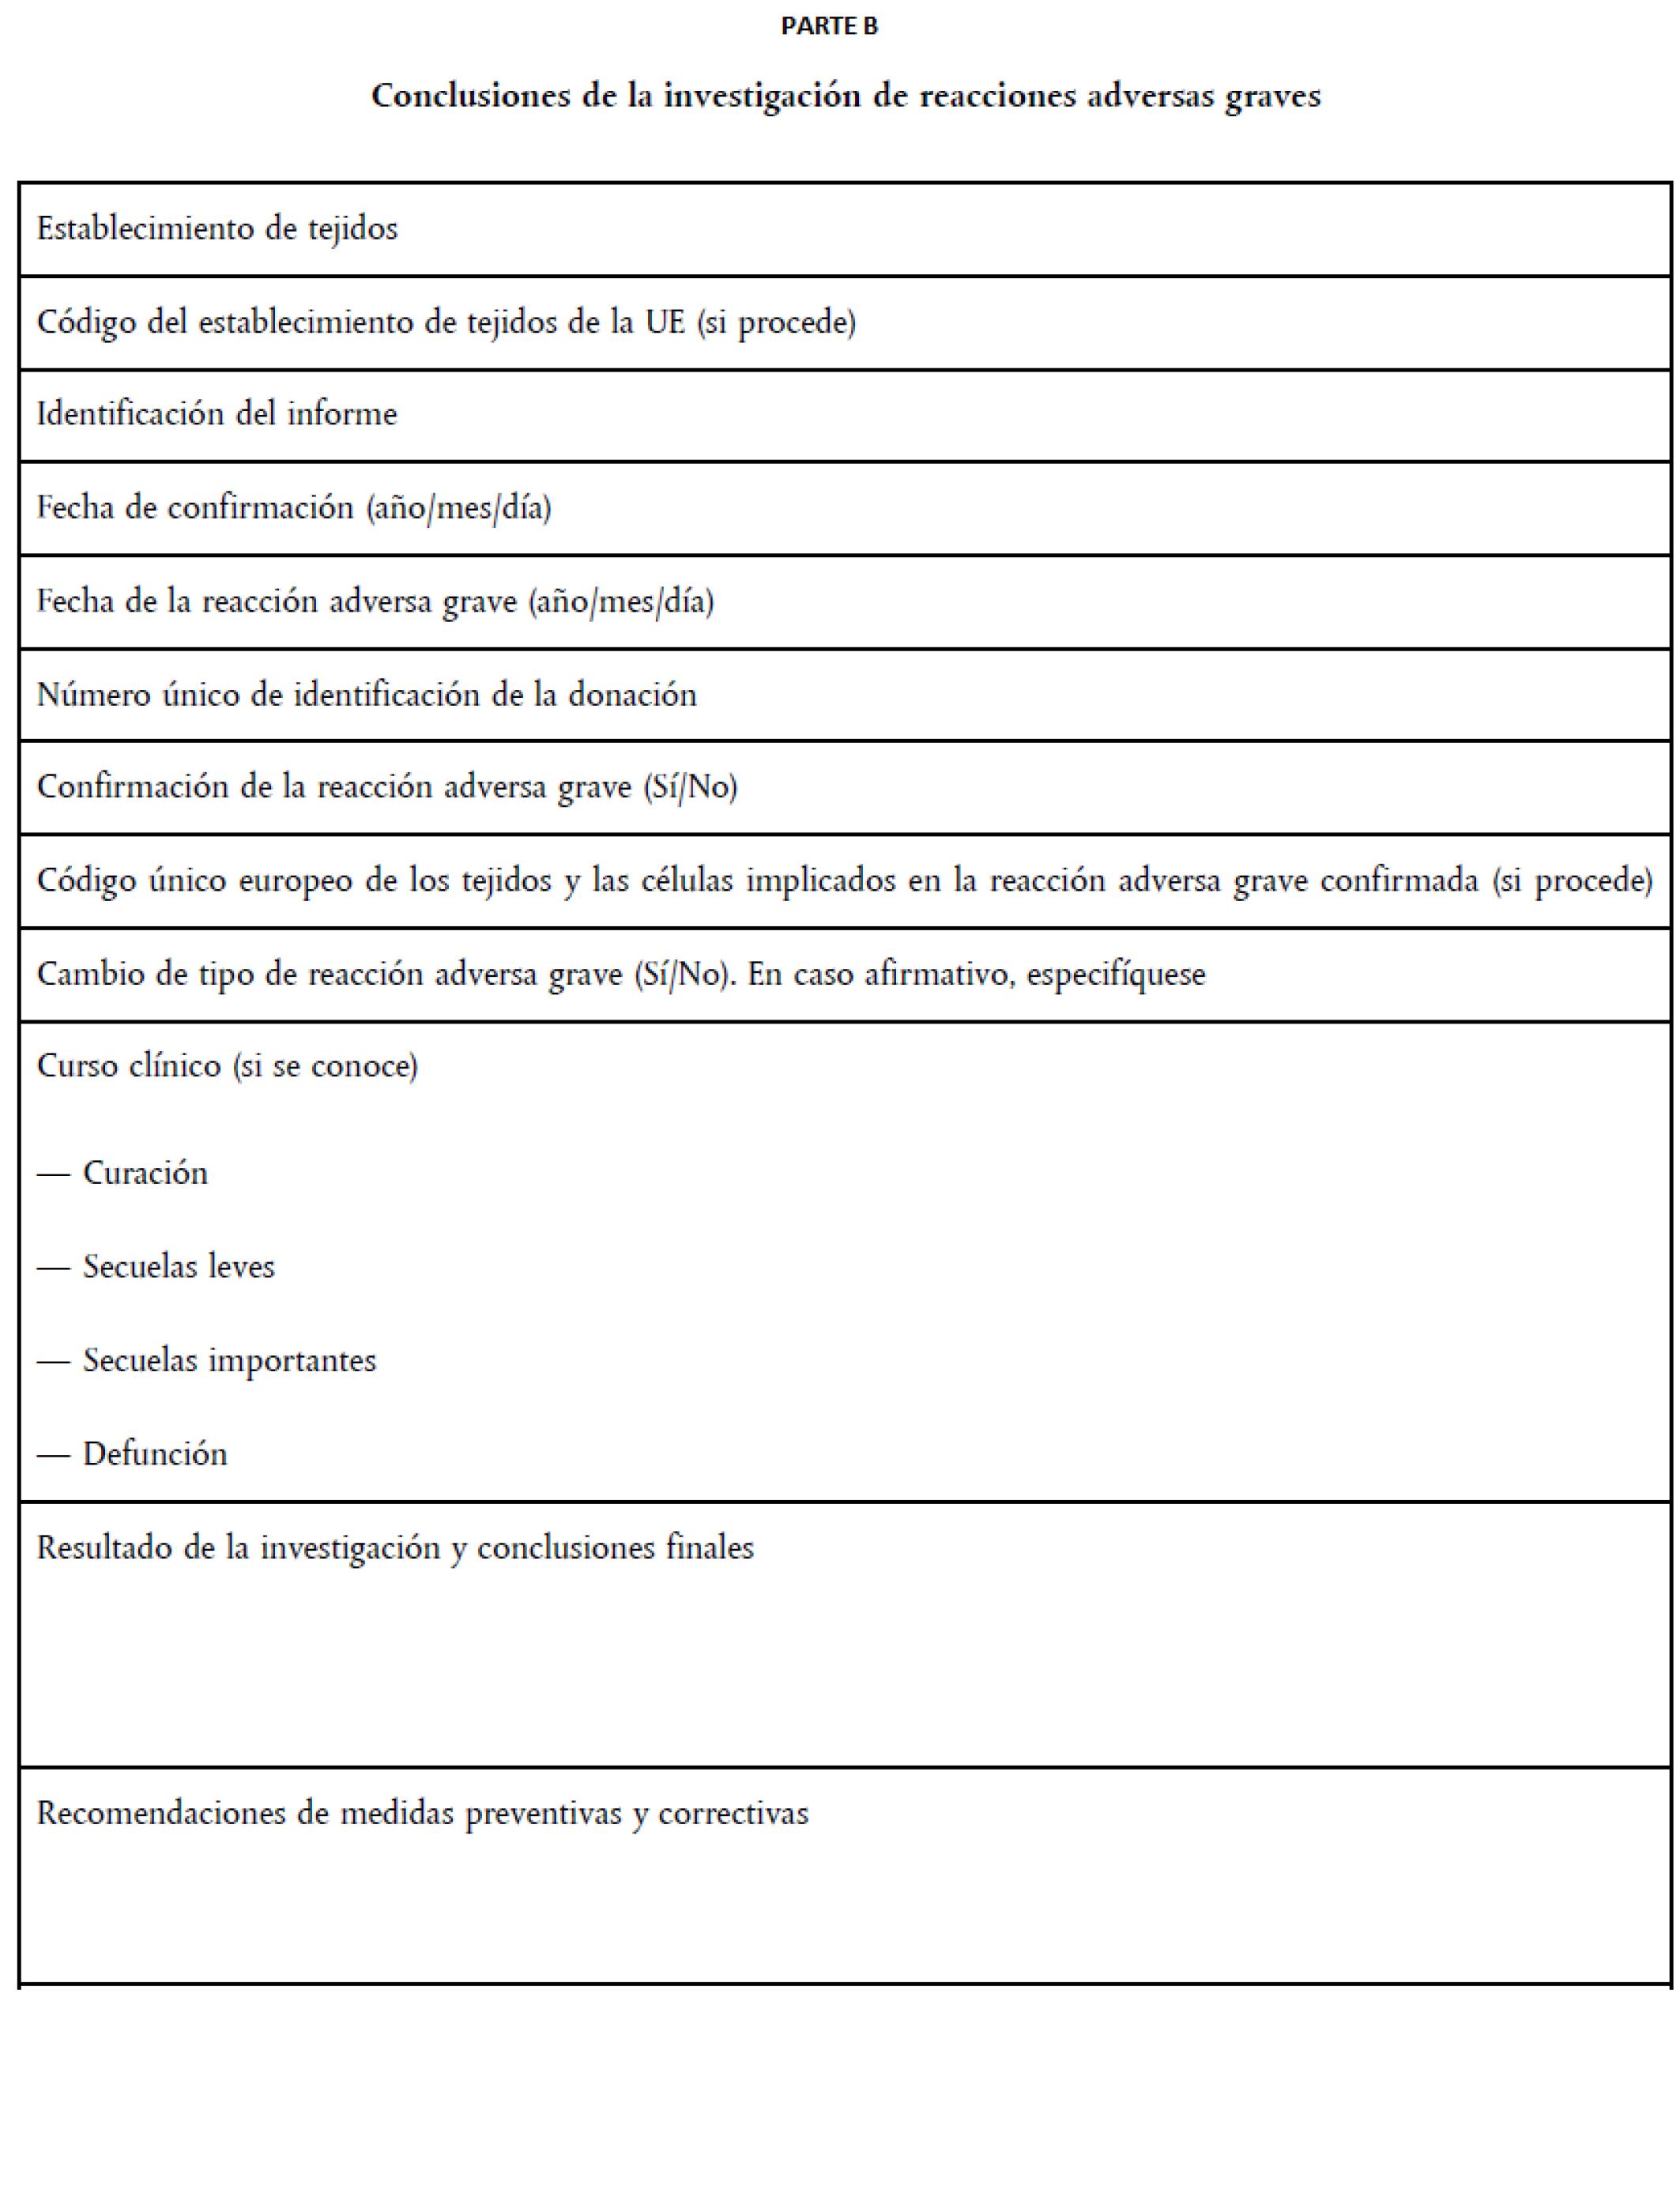 BOE.es - Documento consolidado BOE-A-2017-5855